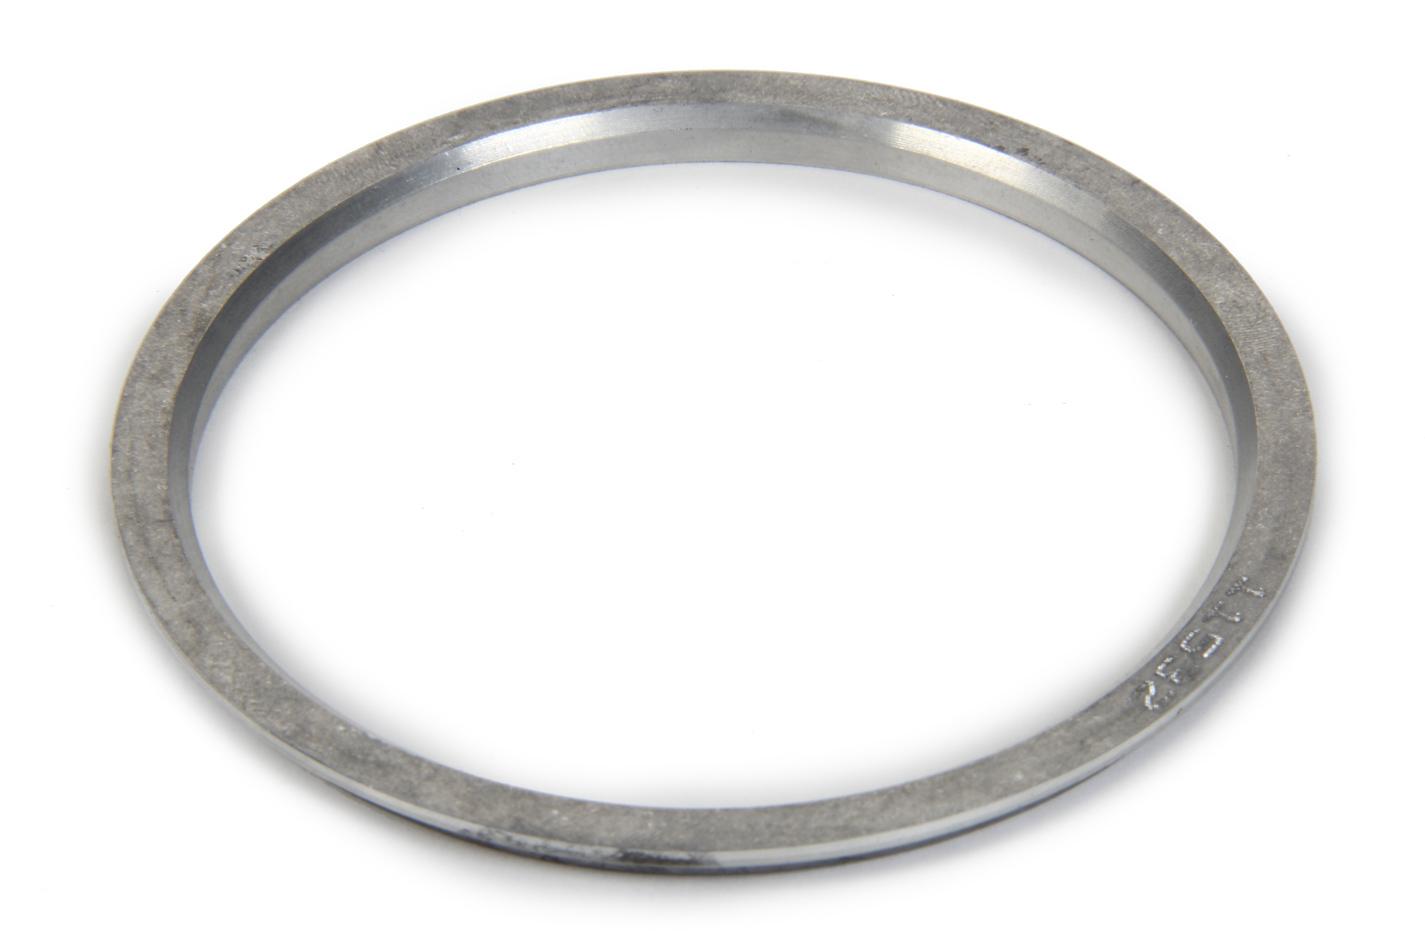 Wilwood 300-11532 Brake Rotor Adapter, Hat Register, 2.784 in Diameter, Aluminum, Natural